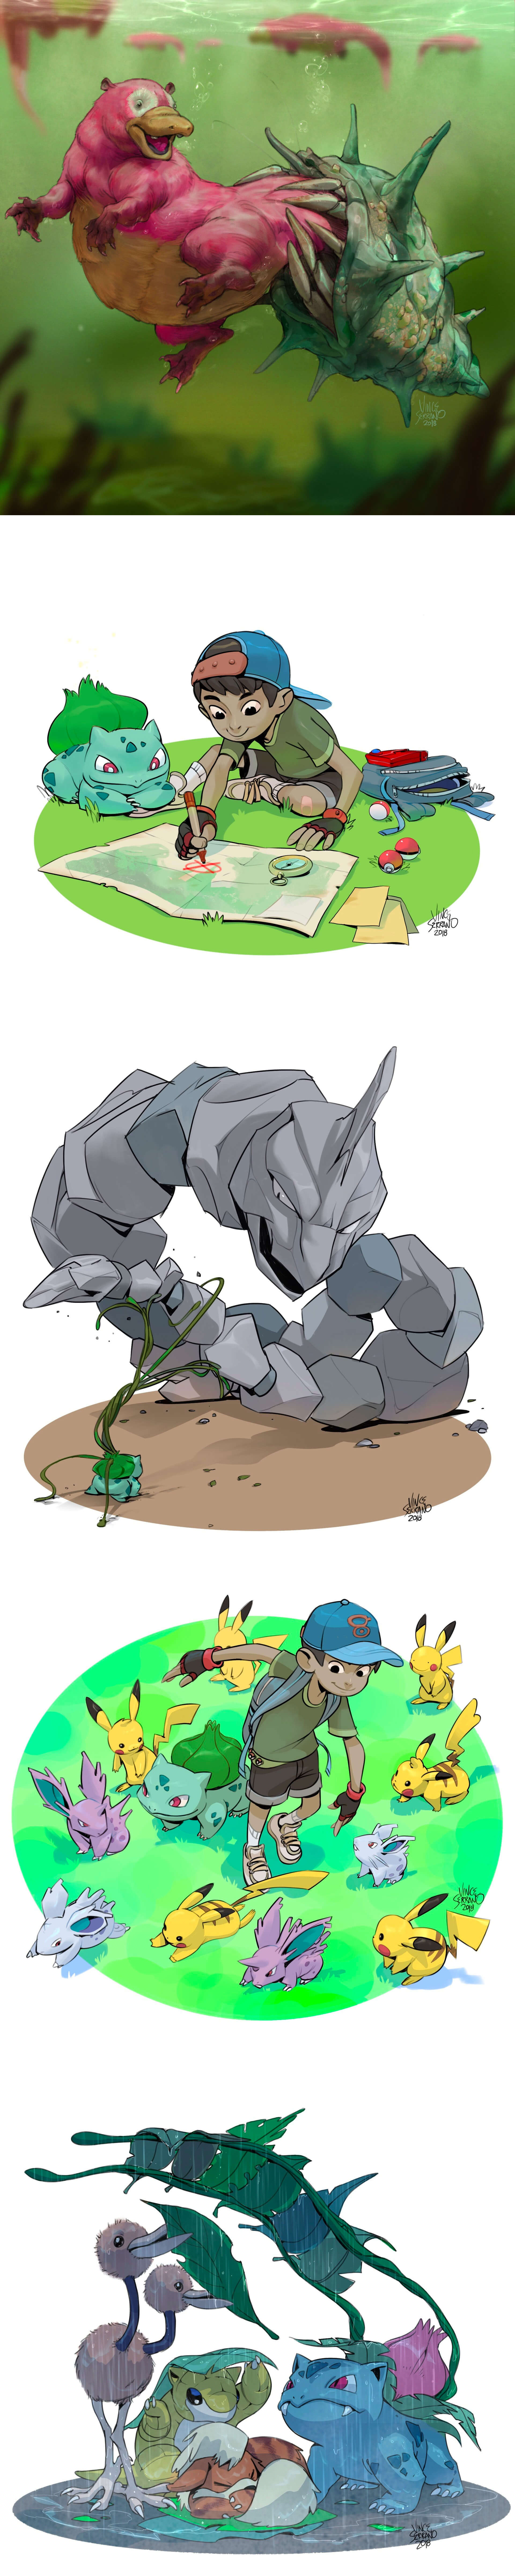 Pokémon Artworks by Vince Serrano